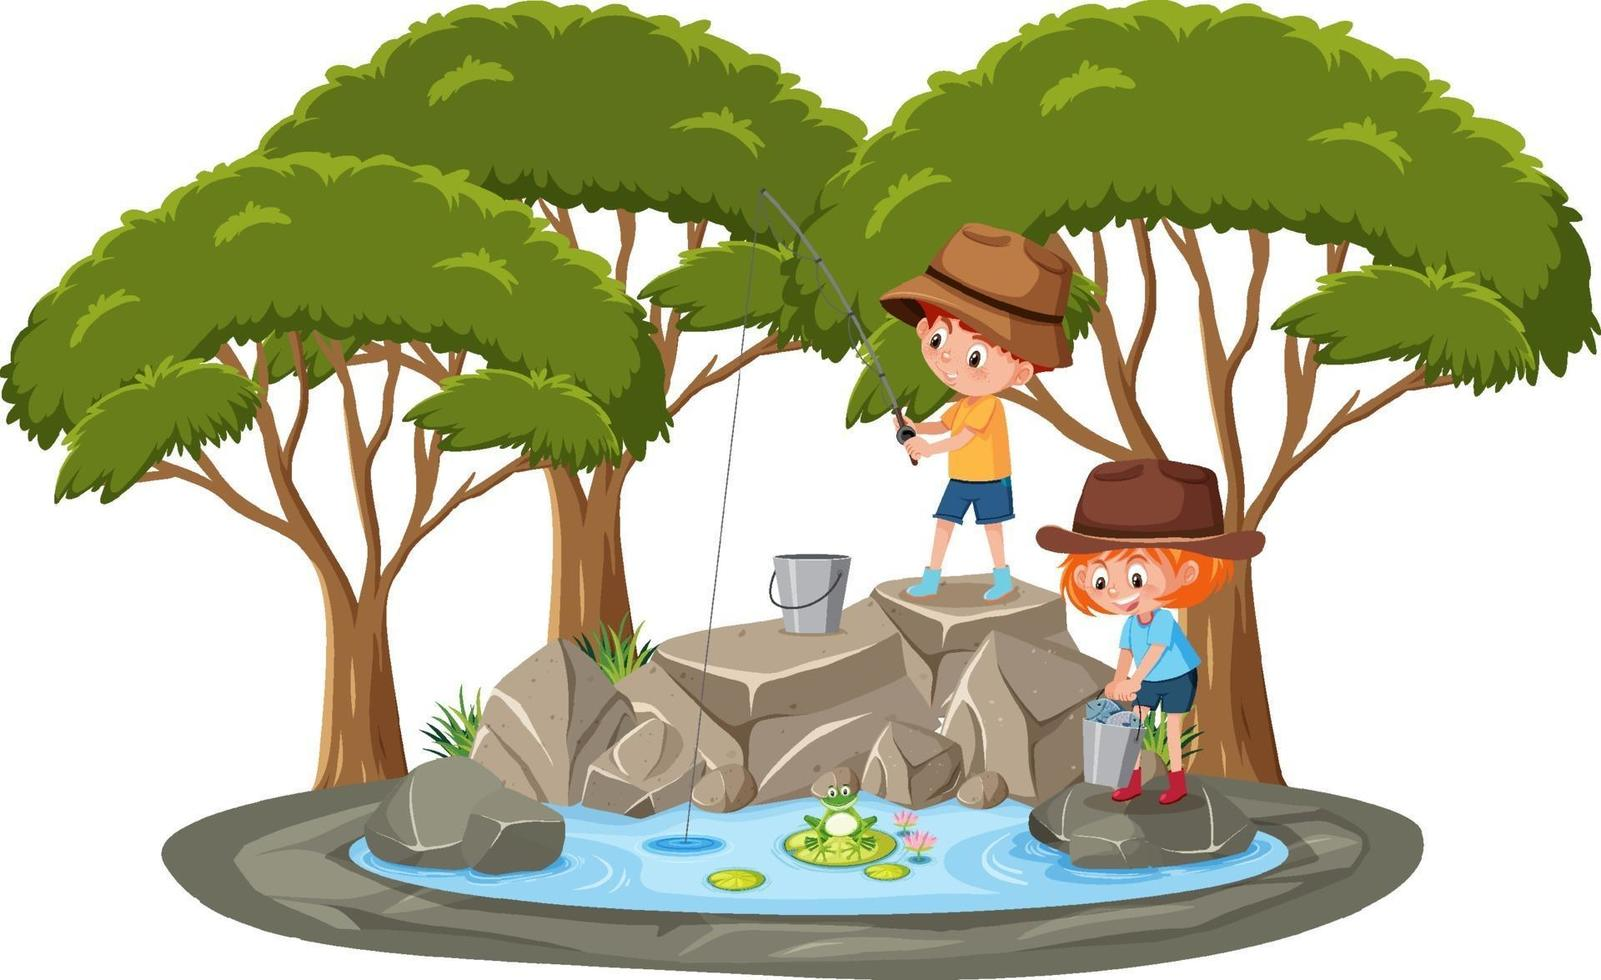 isolerad scen med barn som fiskar vid dammen vektor